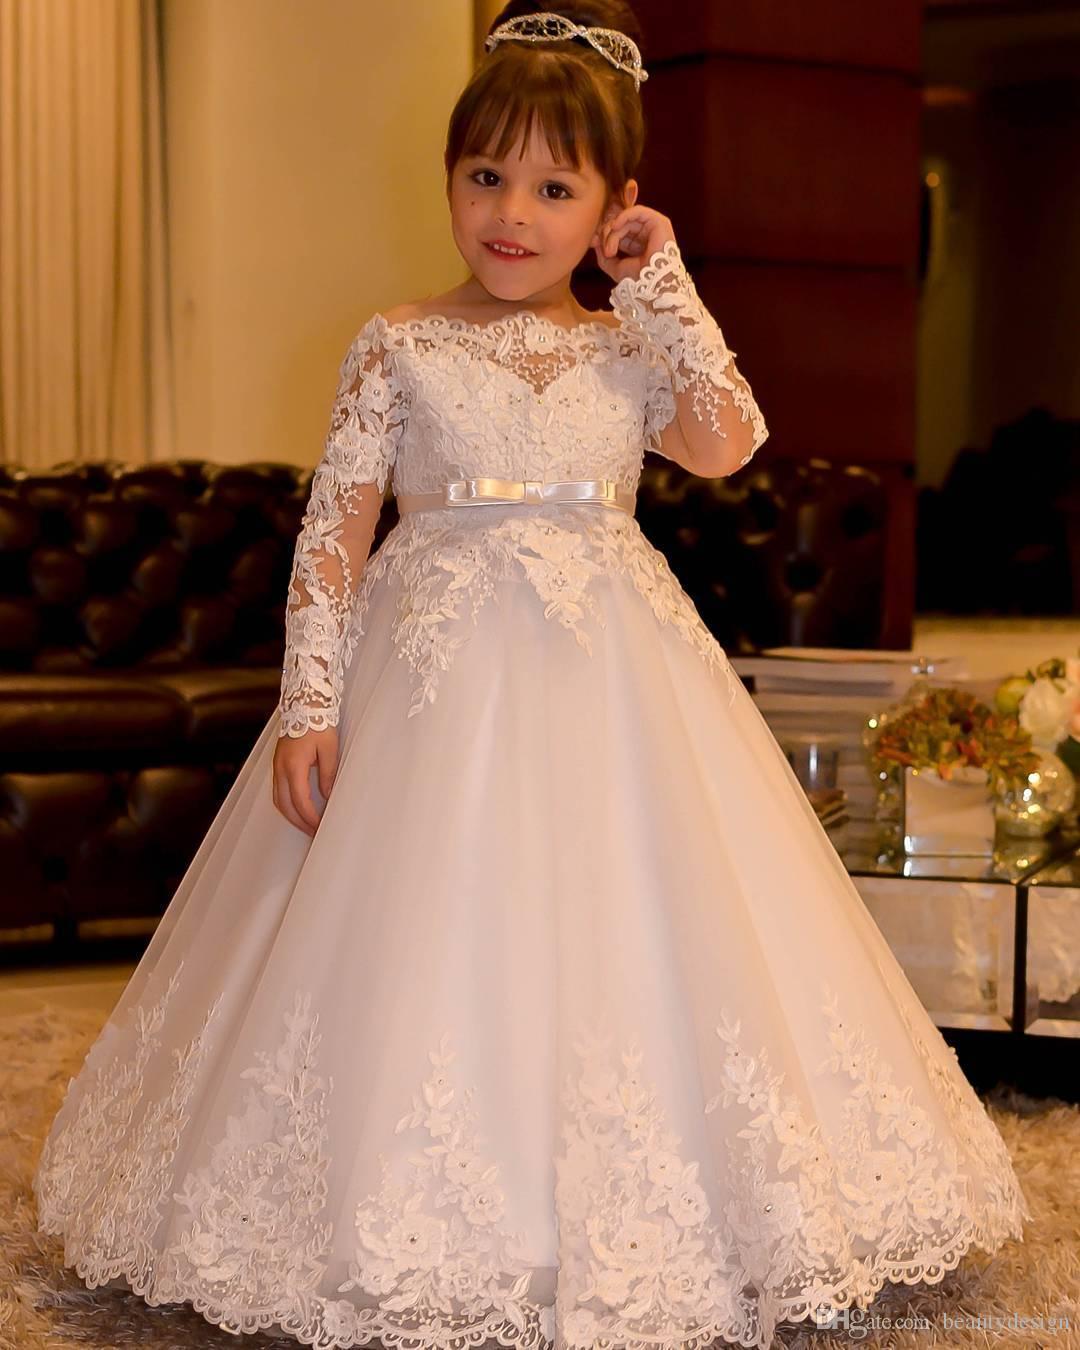 Omuz kapalı Sevimli Uzun Kollu Çiçek Kız Elbise Düğün İçin 2017 Saten Kemer Prenses ile Vintage Dantel Communion elbise